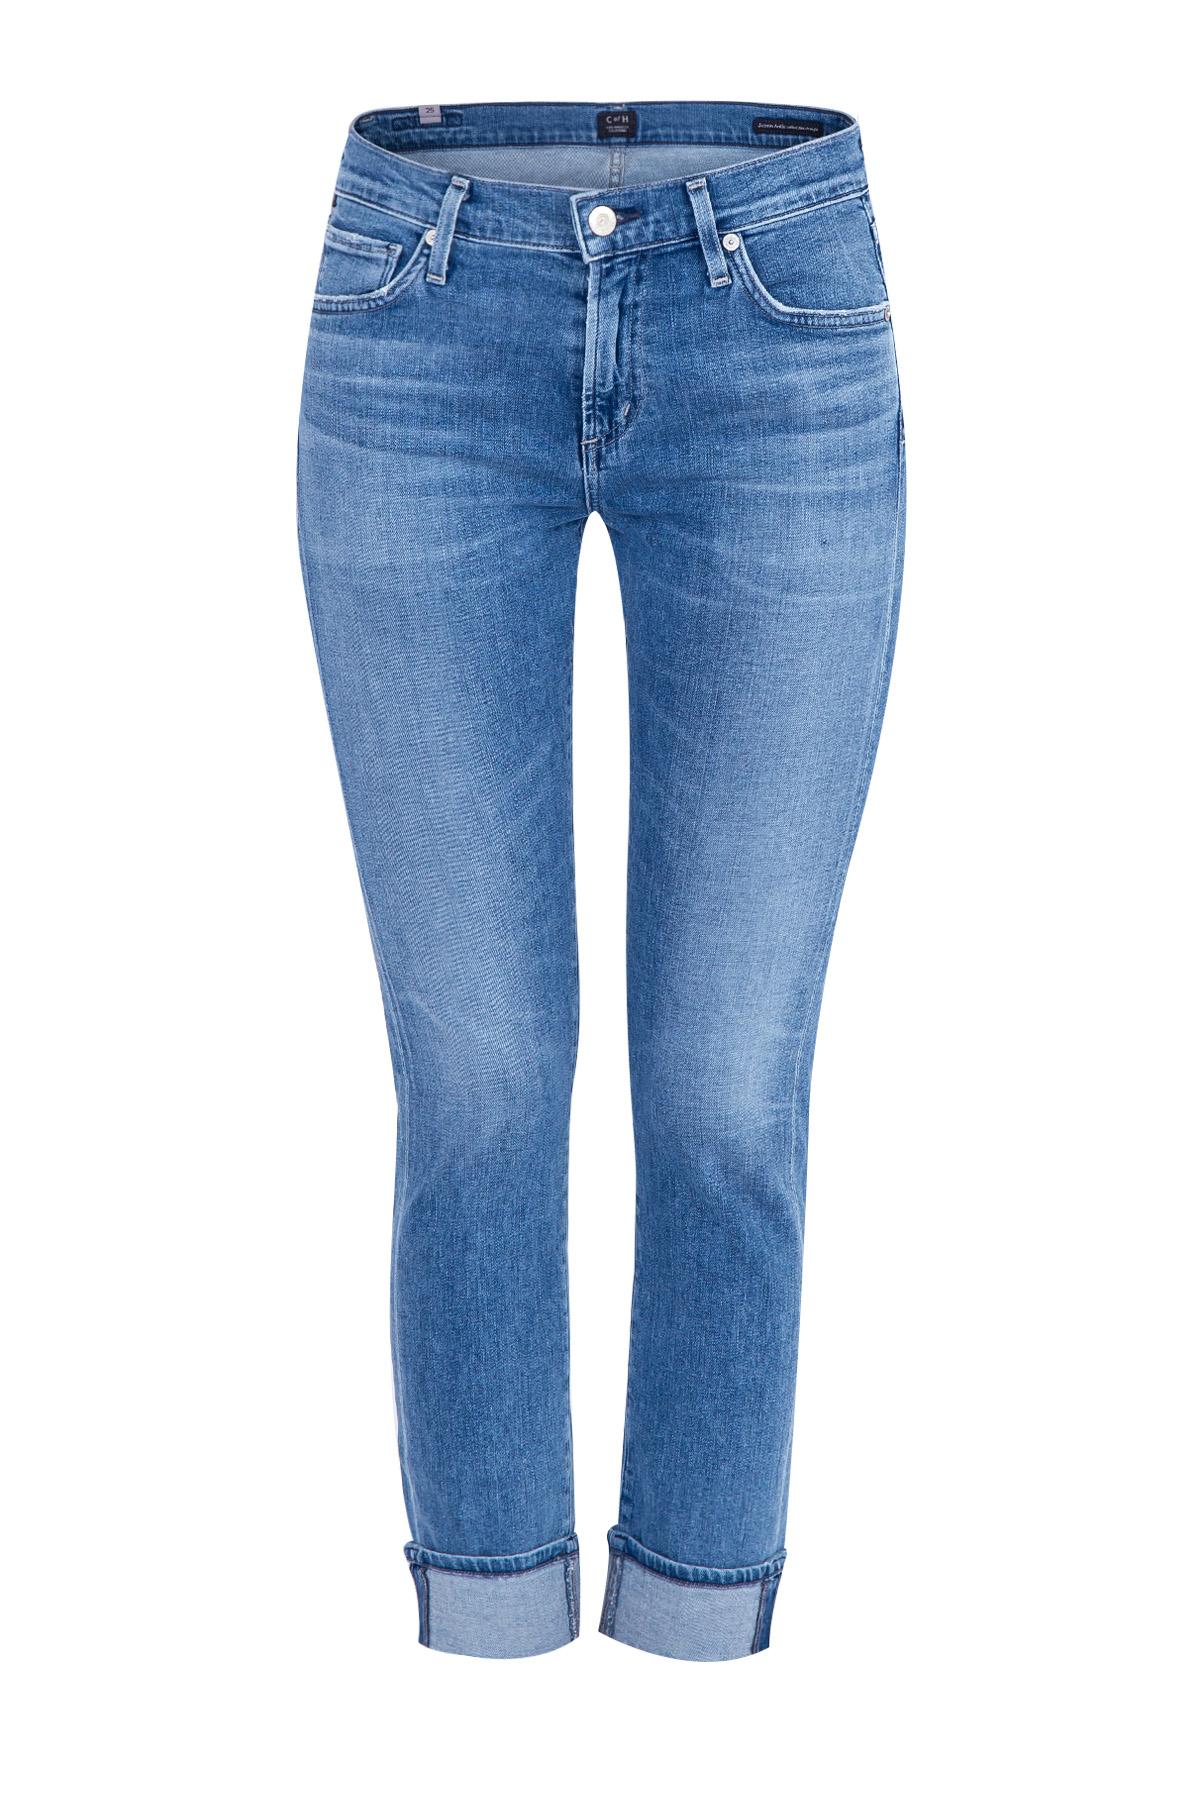 джинсыДжинсы<br><br>Материал: хлопок 97% ,  лайкра 3%;